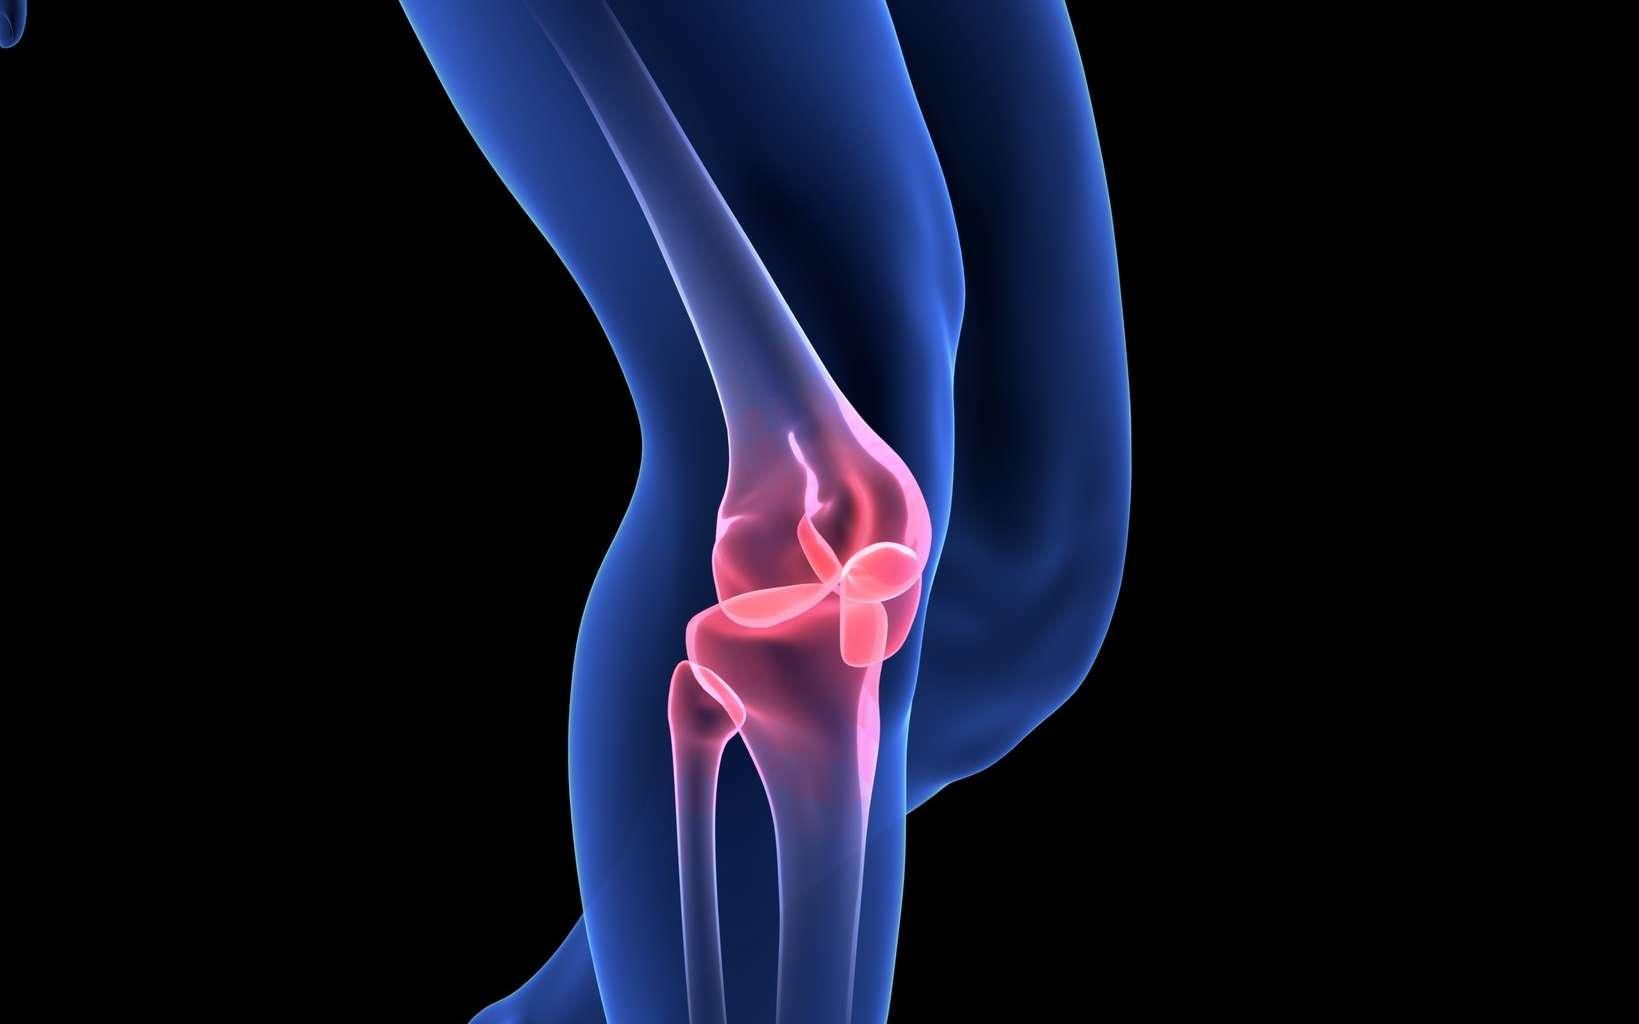 Le cartilage est un tissu conjonctif que l'on trouve à la surface des articulations. © m3ron, Fotolia